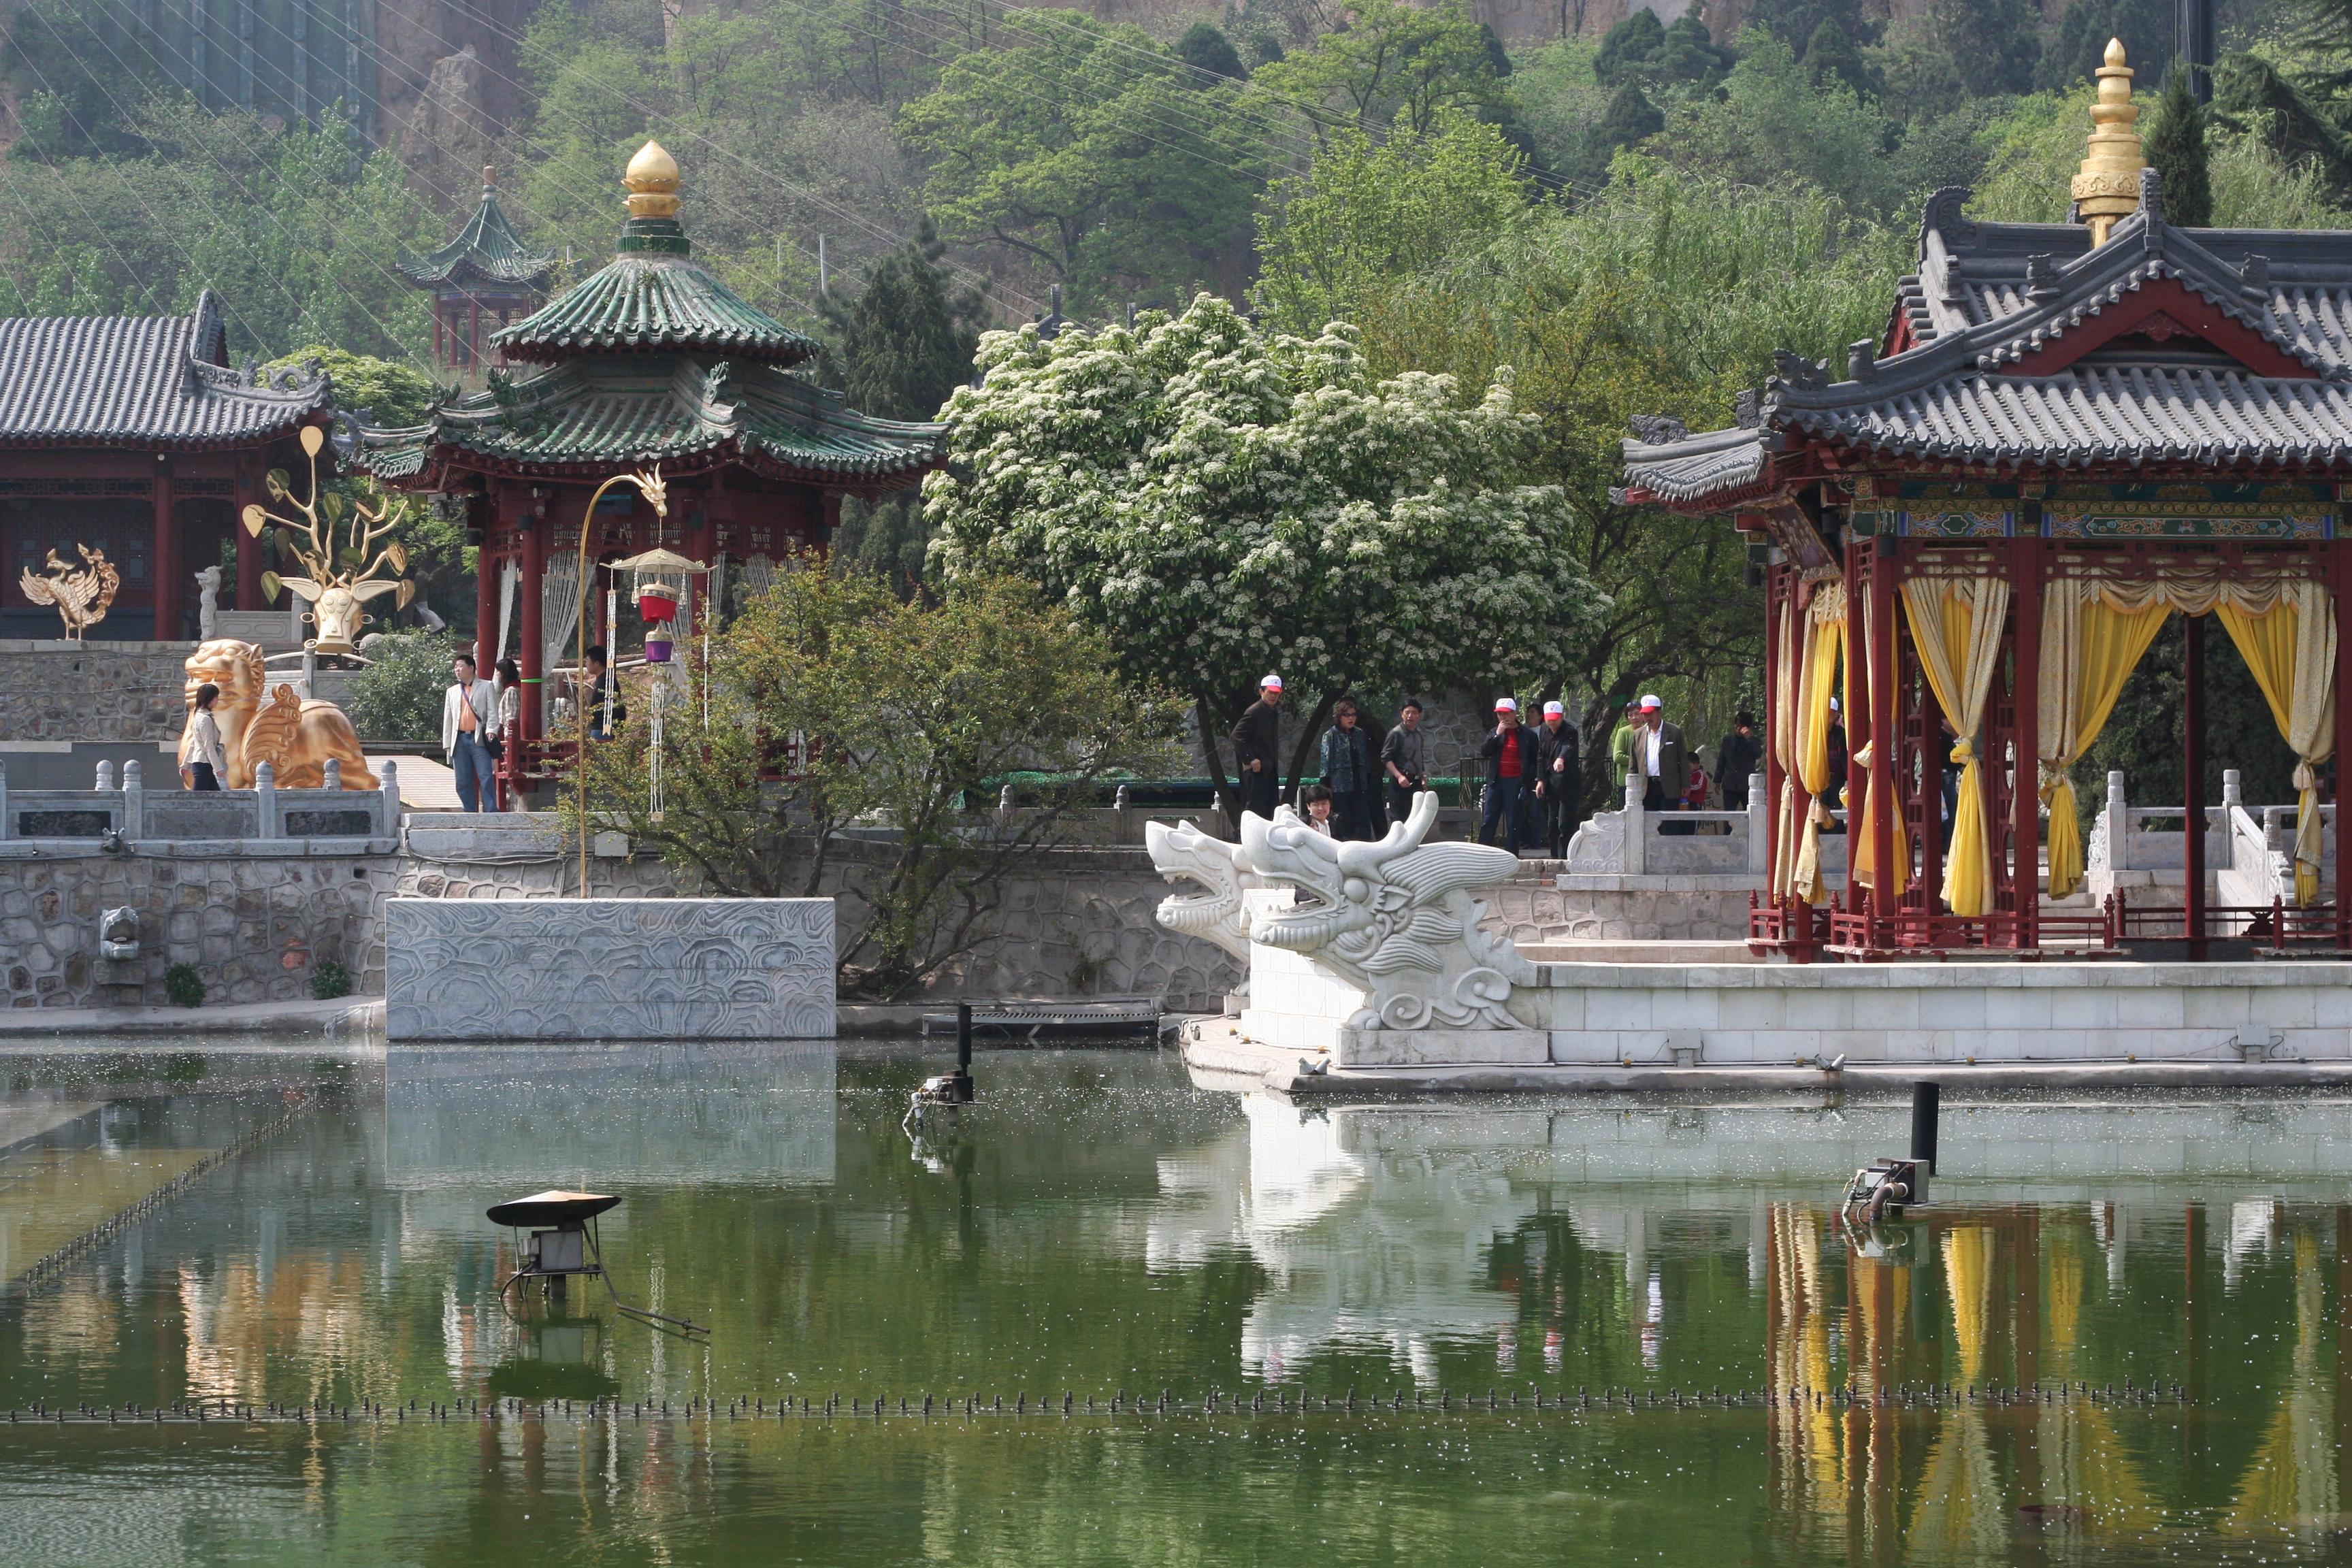 Hua Ching or Hua Qing or Huaqing Palace Garden